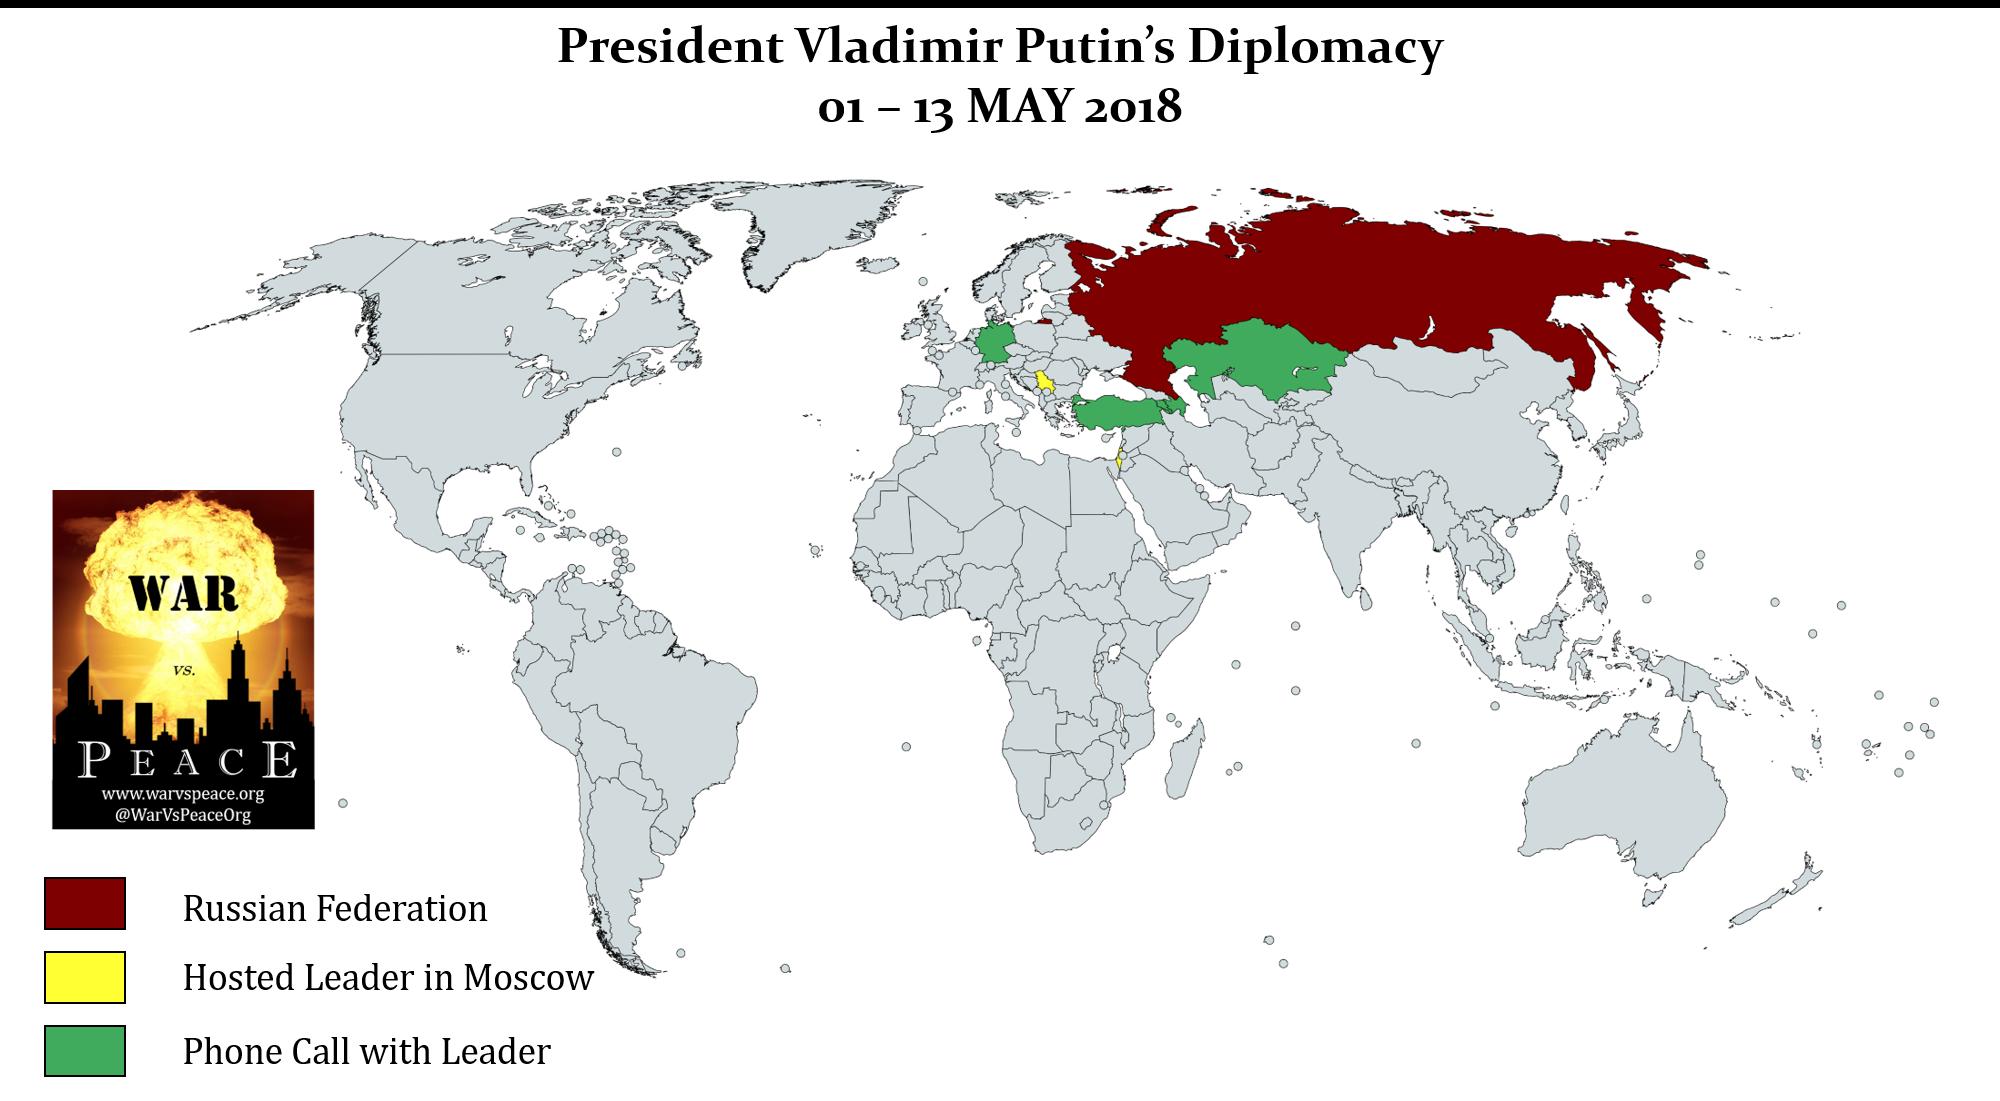 2018.05.15 Putin Diplomacy.png